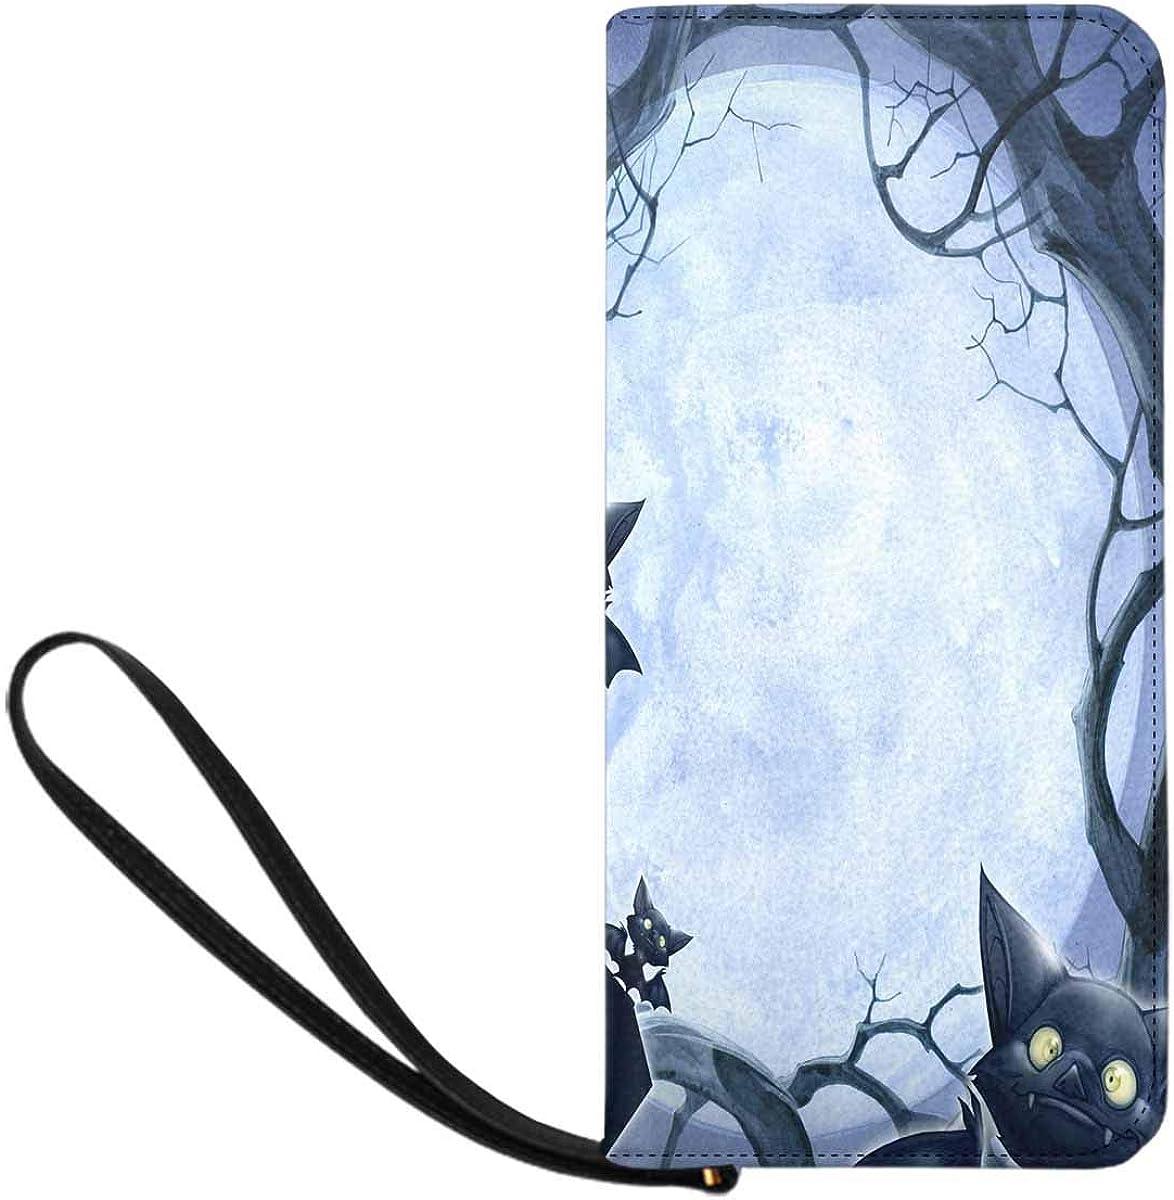 INTERESTPRINT Halloween Castle Bat Evening Bag for Women,Wedding Evening Clutch Purse Bag